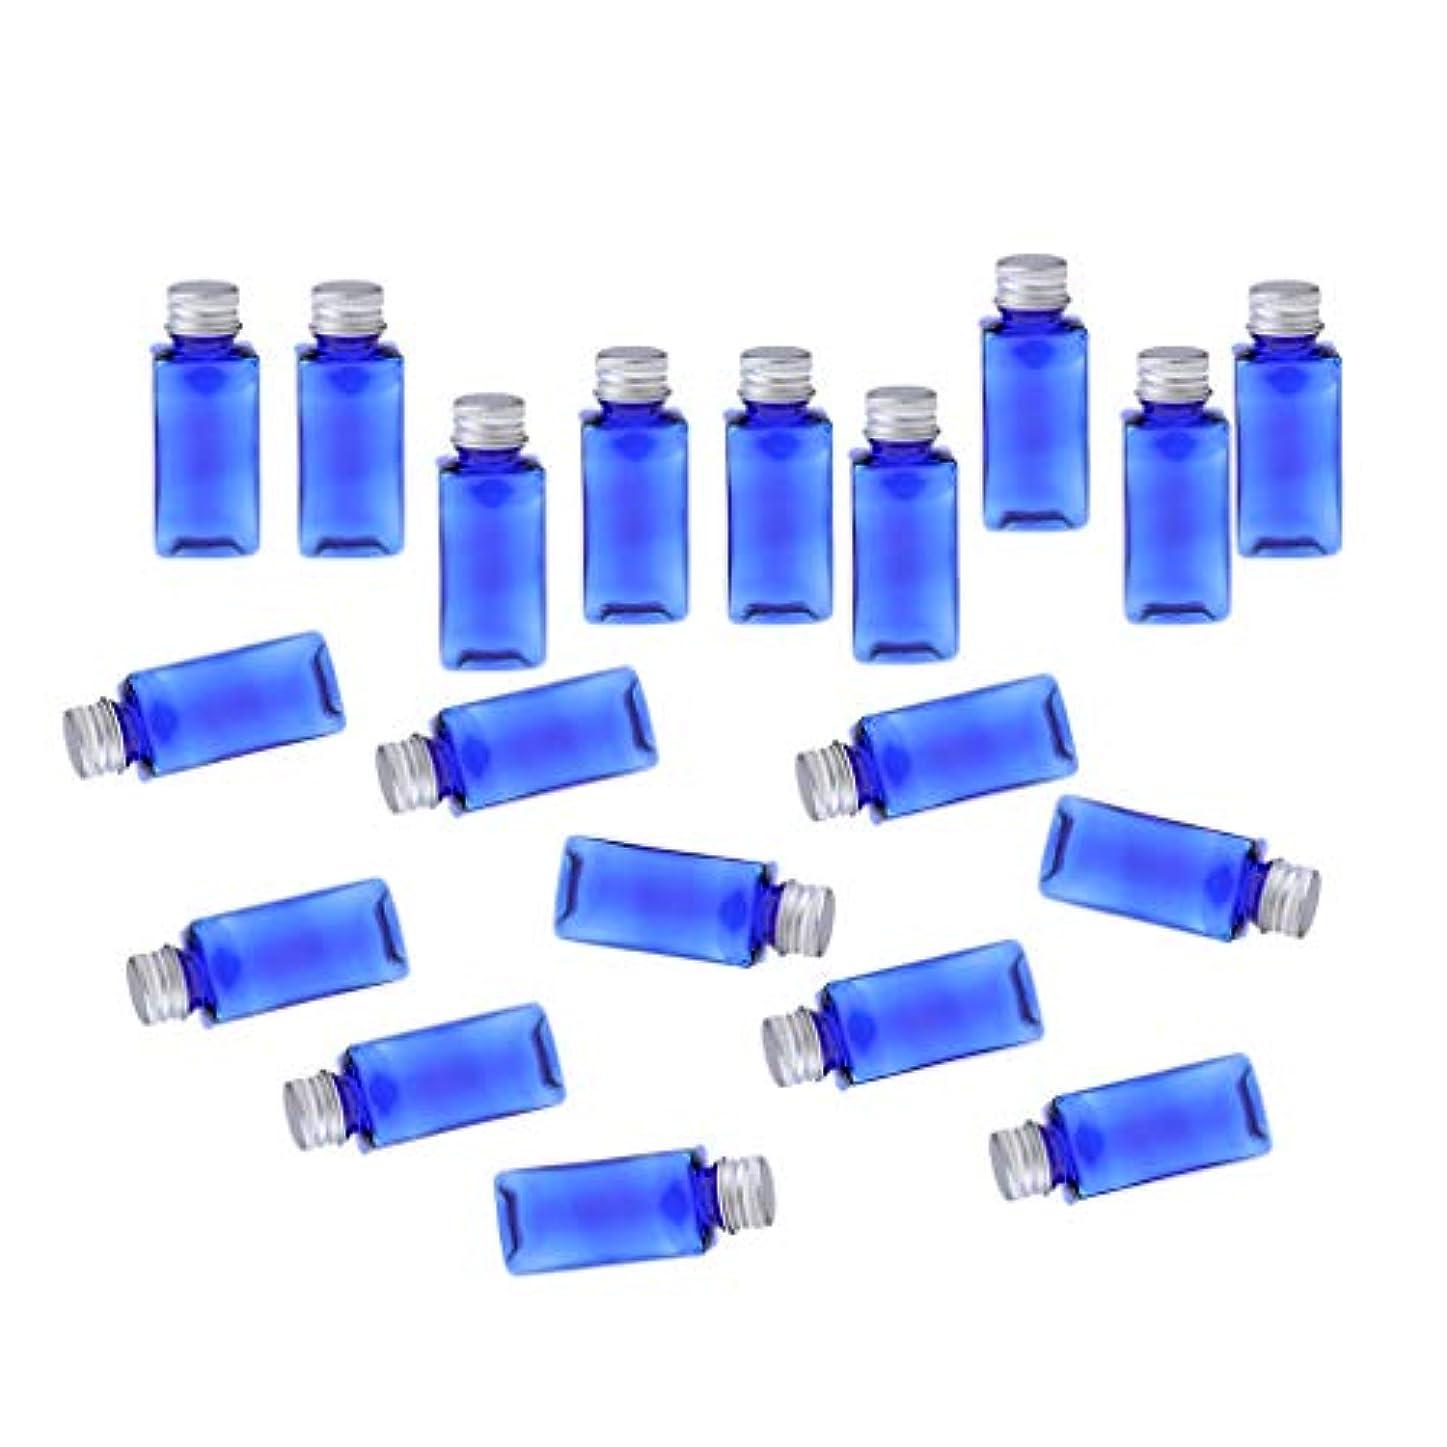 歩行者ステッチのどB Baosity 約20本 メイクアップボトル 30ミリリットル コスメ 詰替え容器 8色選べ - ブルーシルバー